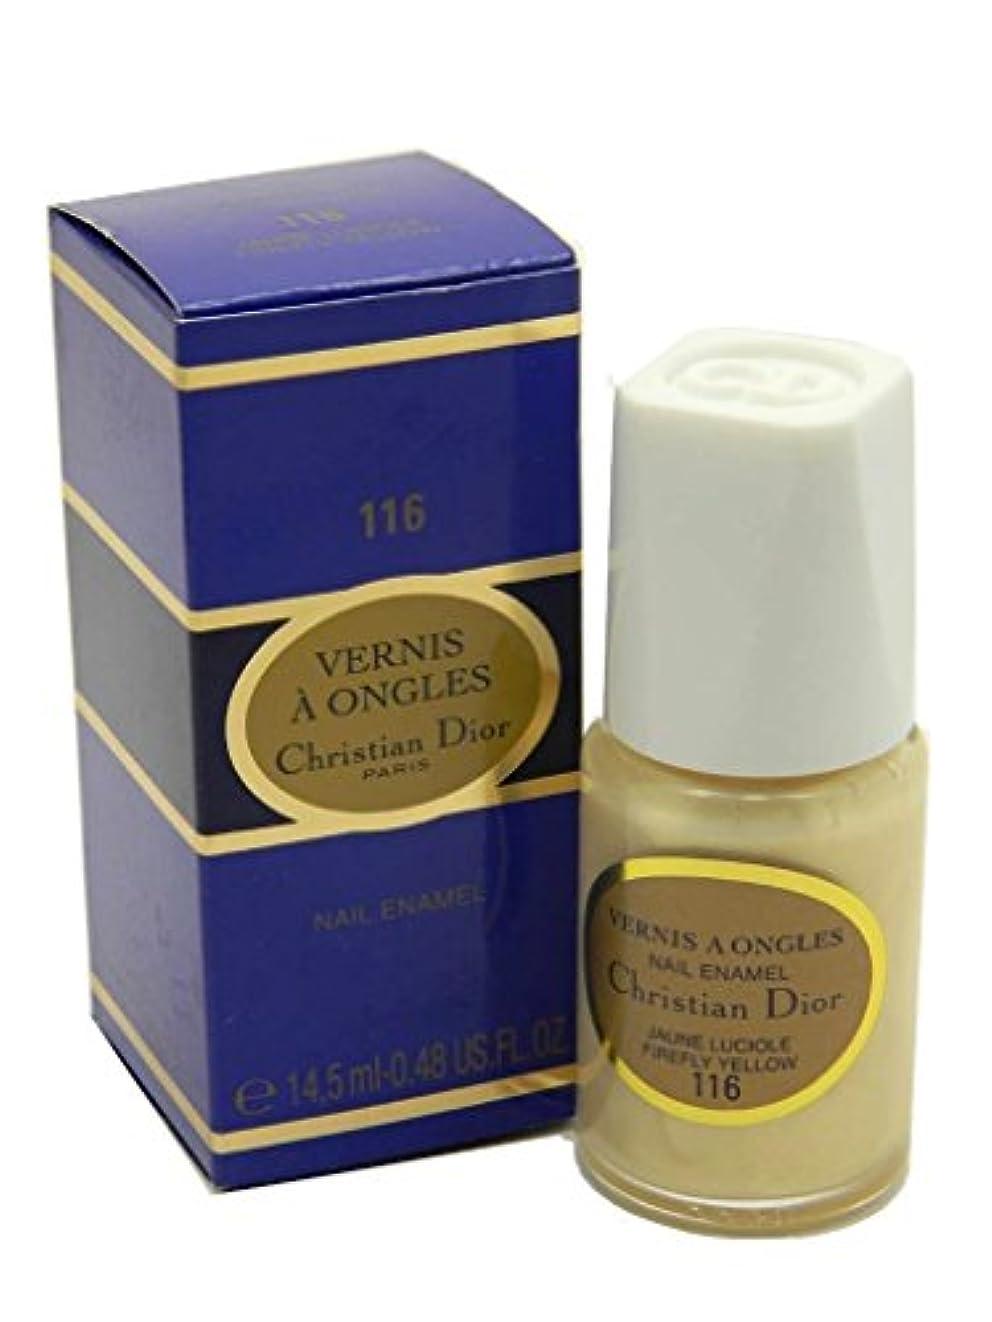 バー伝統的Dior Vernis A Ongles Nail Enamel Polish 116 Firefly Yellow(ディオール ヴェルニ ア オングル ネイルエナメル ポリッシュ 116 ファイヤーフライ イエロー)...